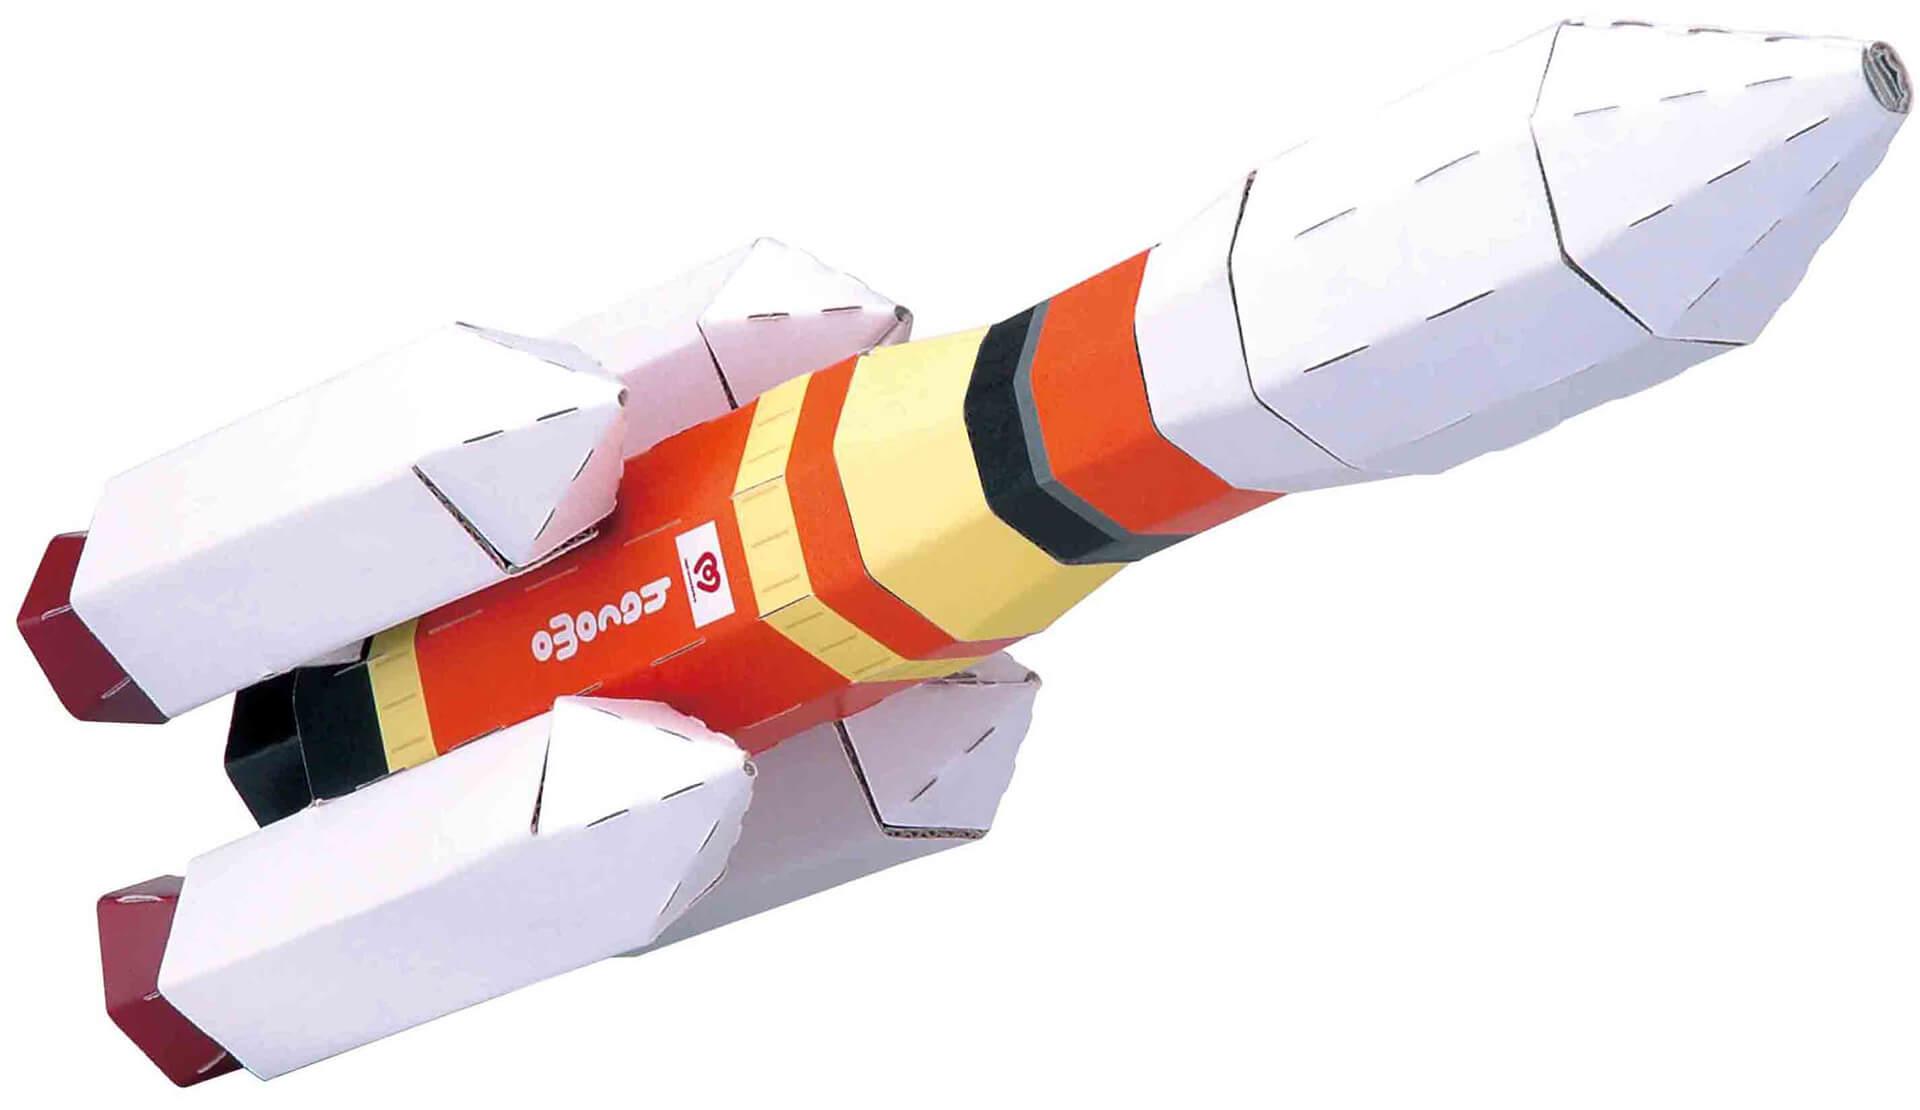 この写真はダンボール宇宙遊園地で販売するロケットの工作キット完成写真